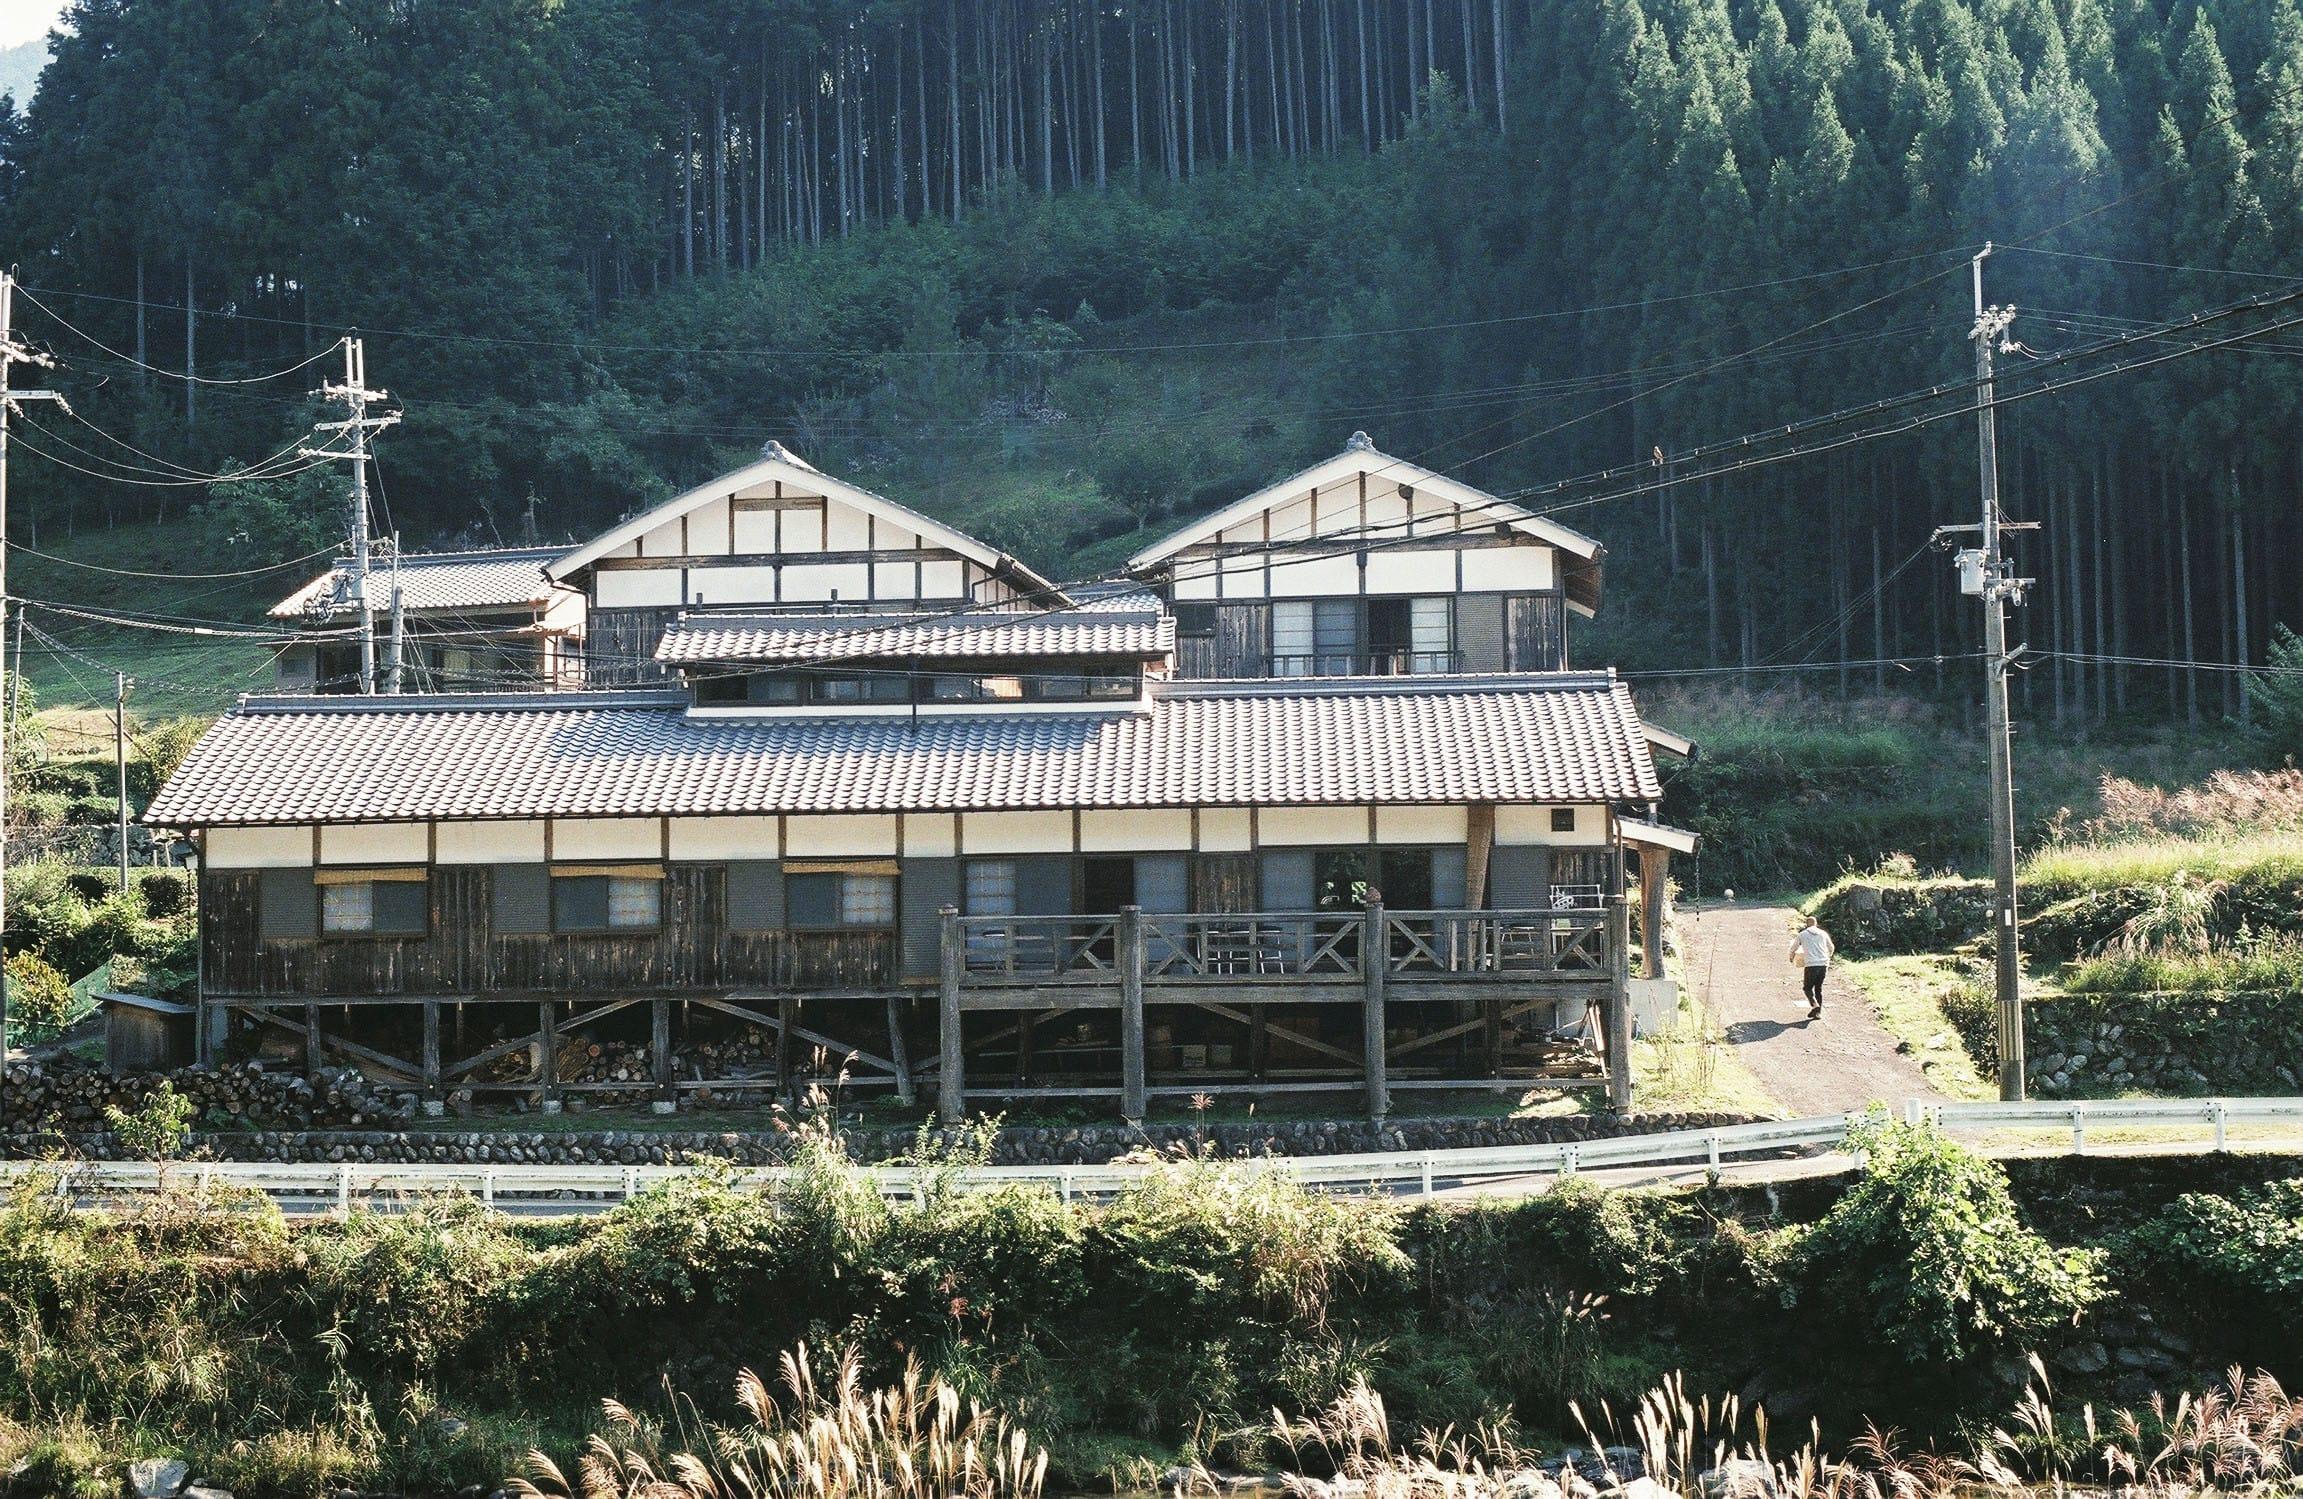 坂本さんのご両親が東吉野に移住して建てたアトリエ兼自宅。大きな川を見下ろすアトリエには国内外からさまざまな人が訪れる。